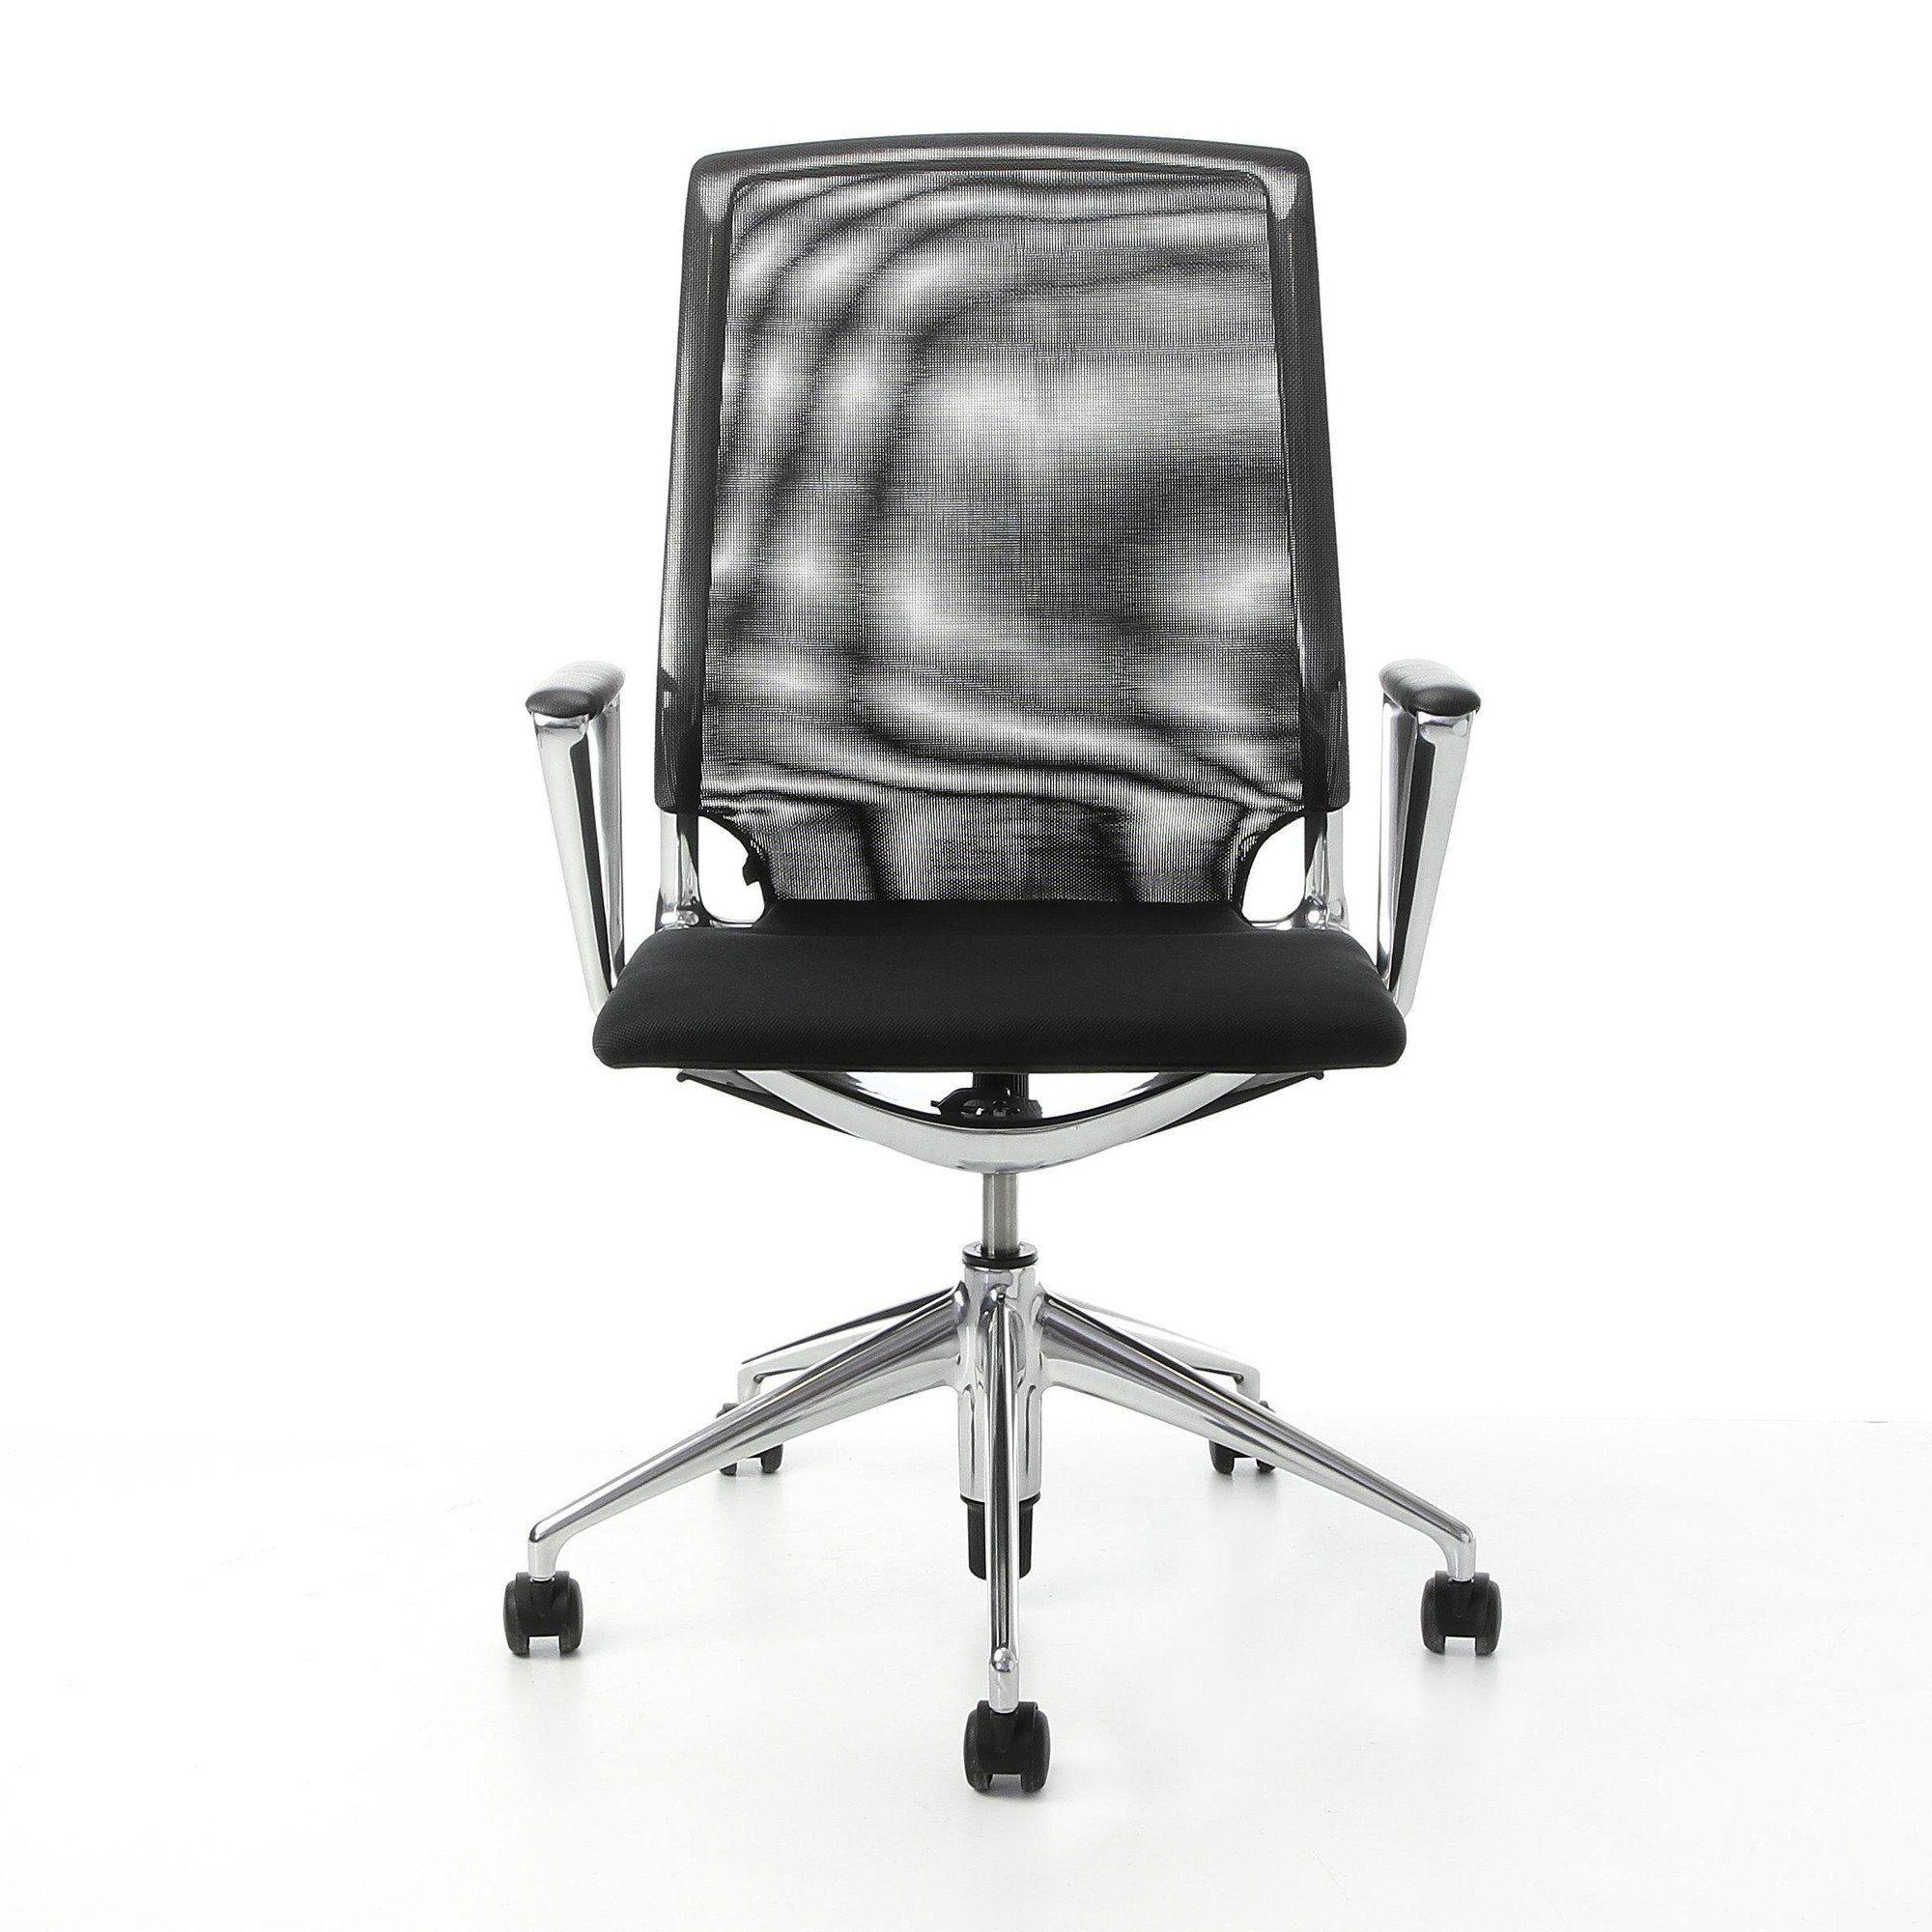 Vitra meda chair silla de oficina vitra - Funda silla escritorio ...